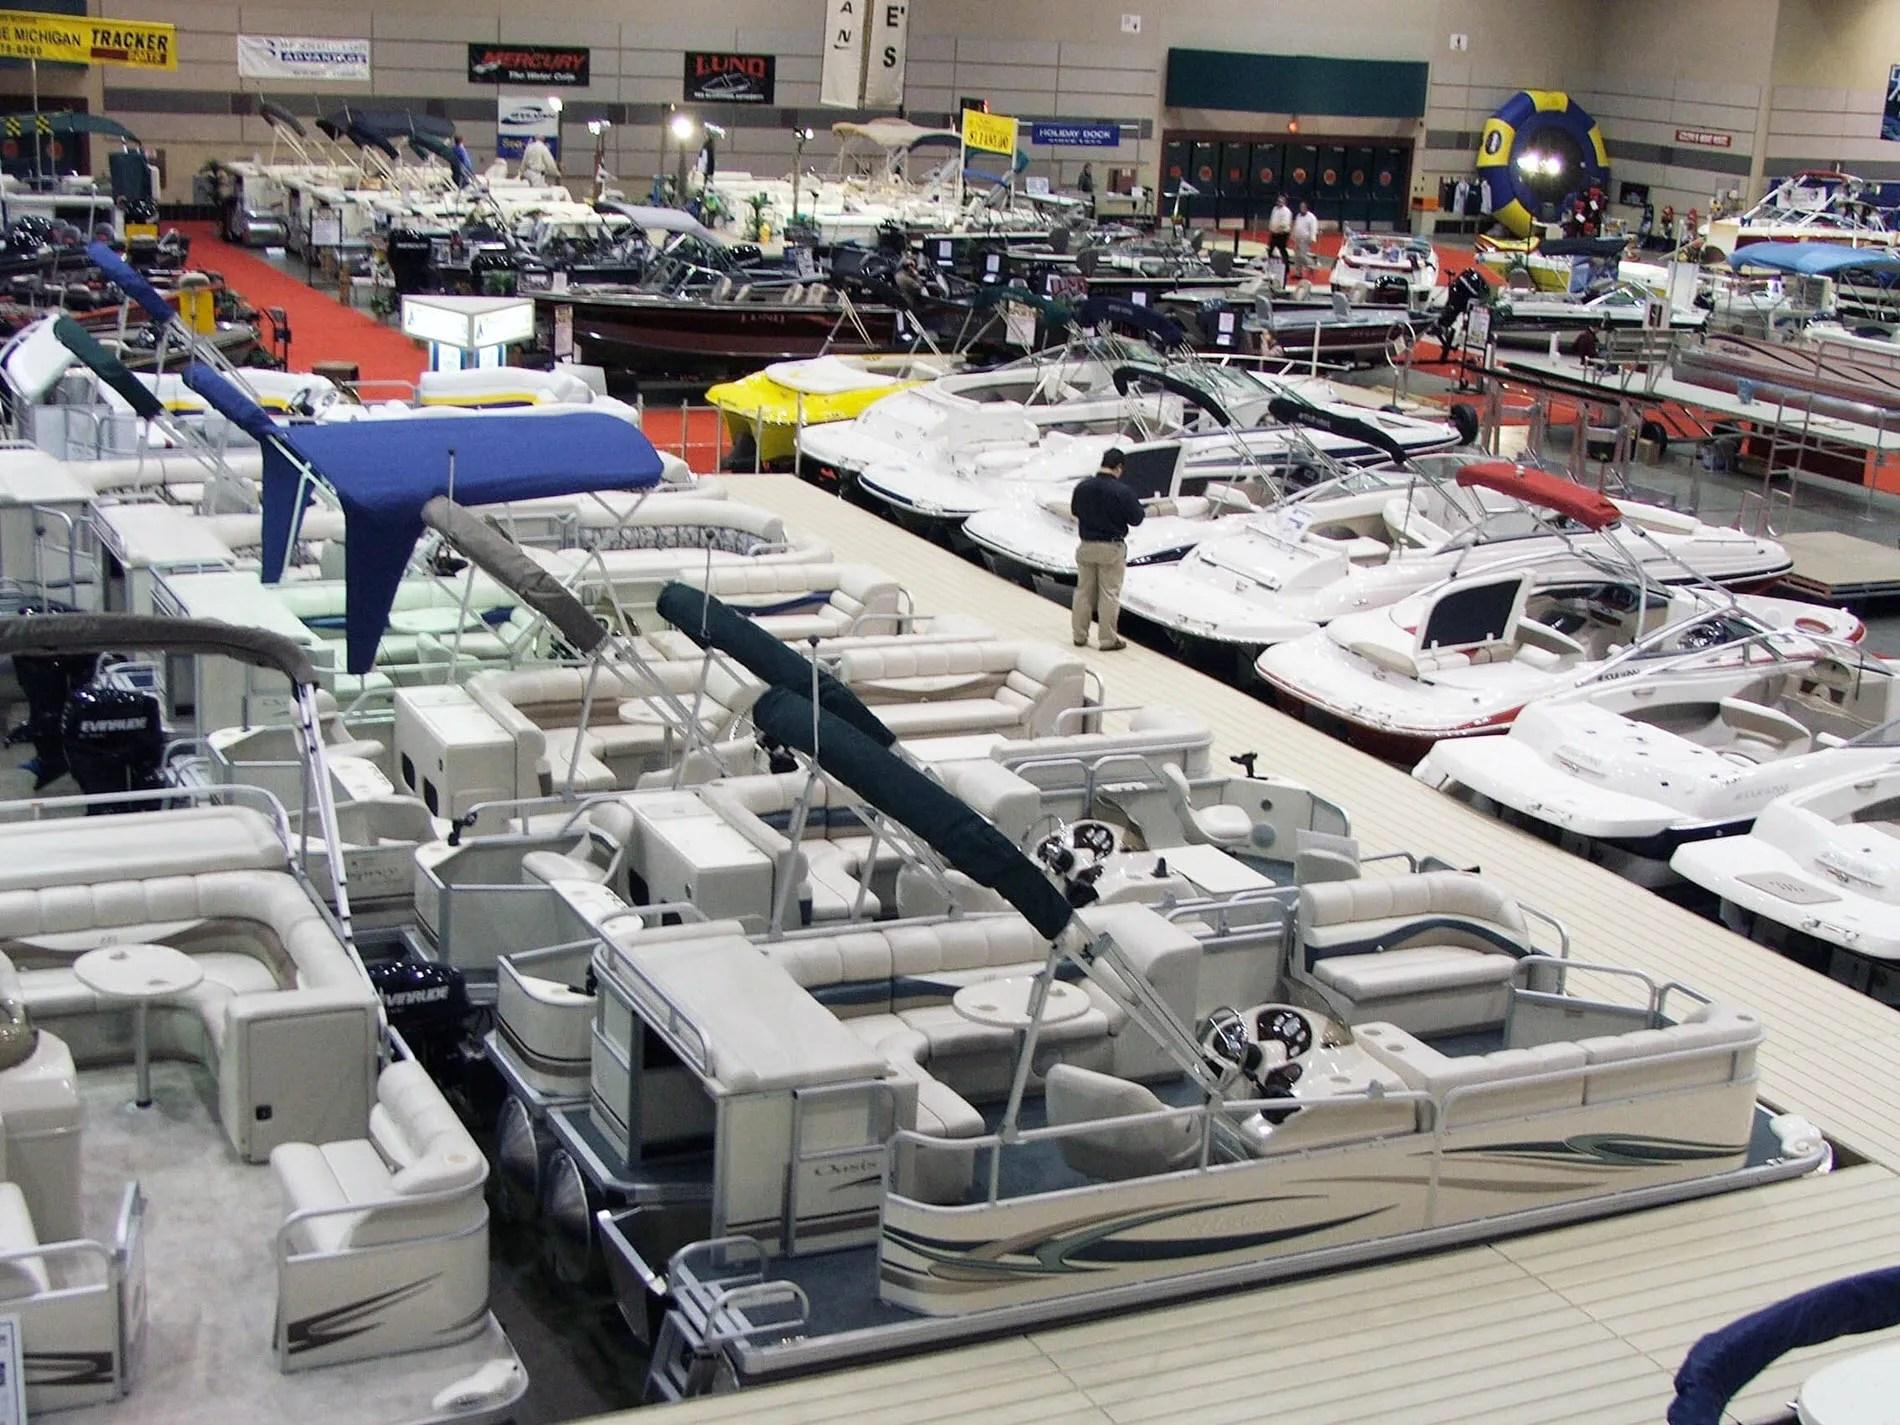 Lansing Boat Show at the Lansing Center